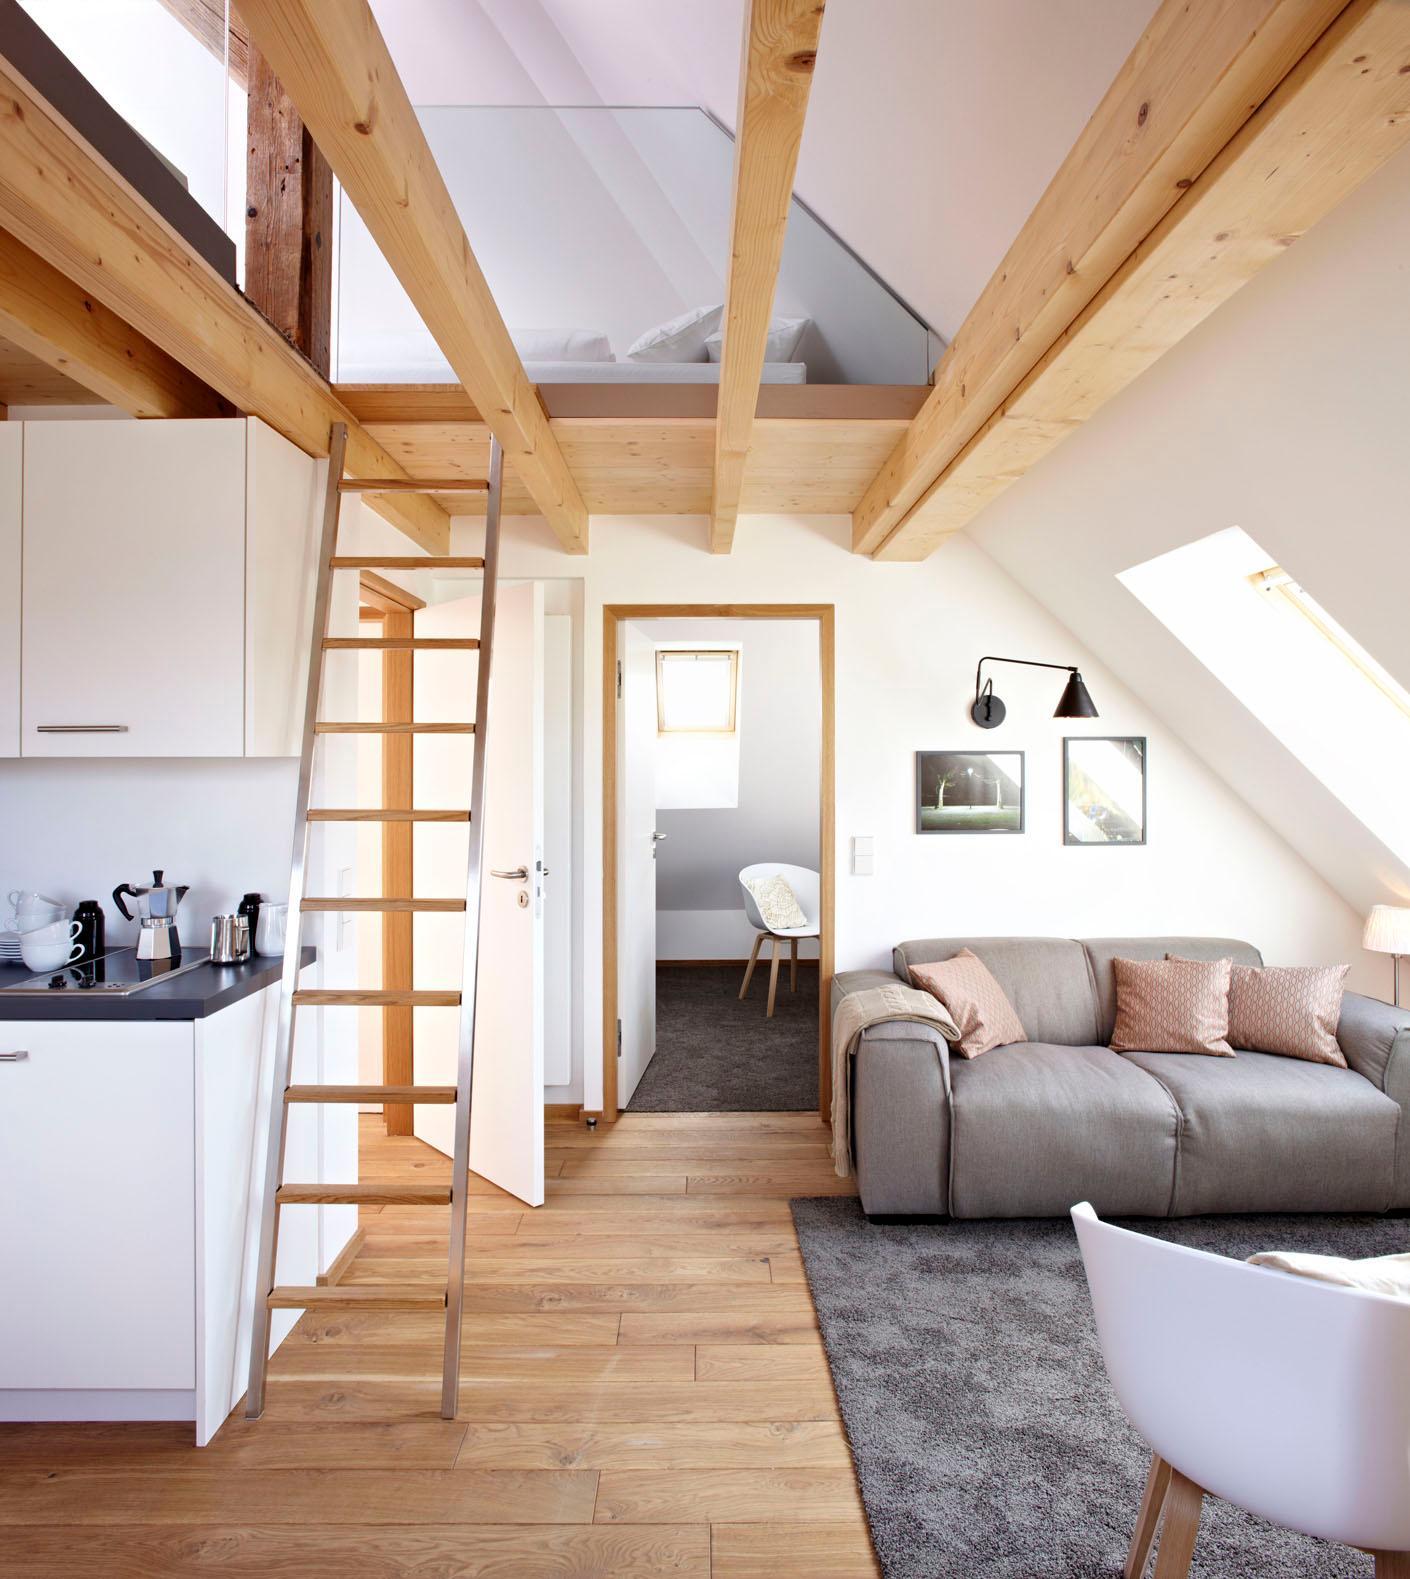 dachschrägenfenster • bilder & ideen • couch